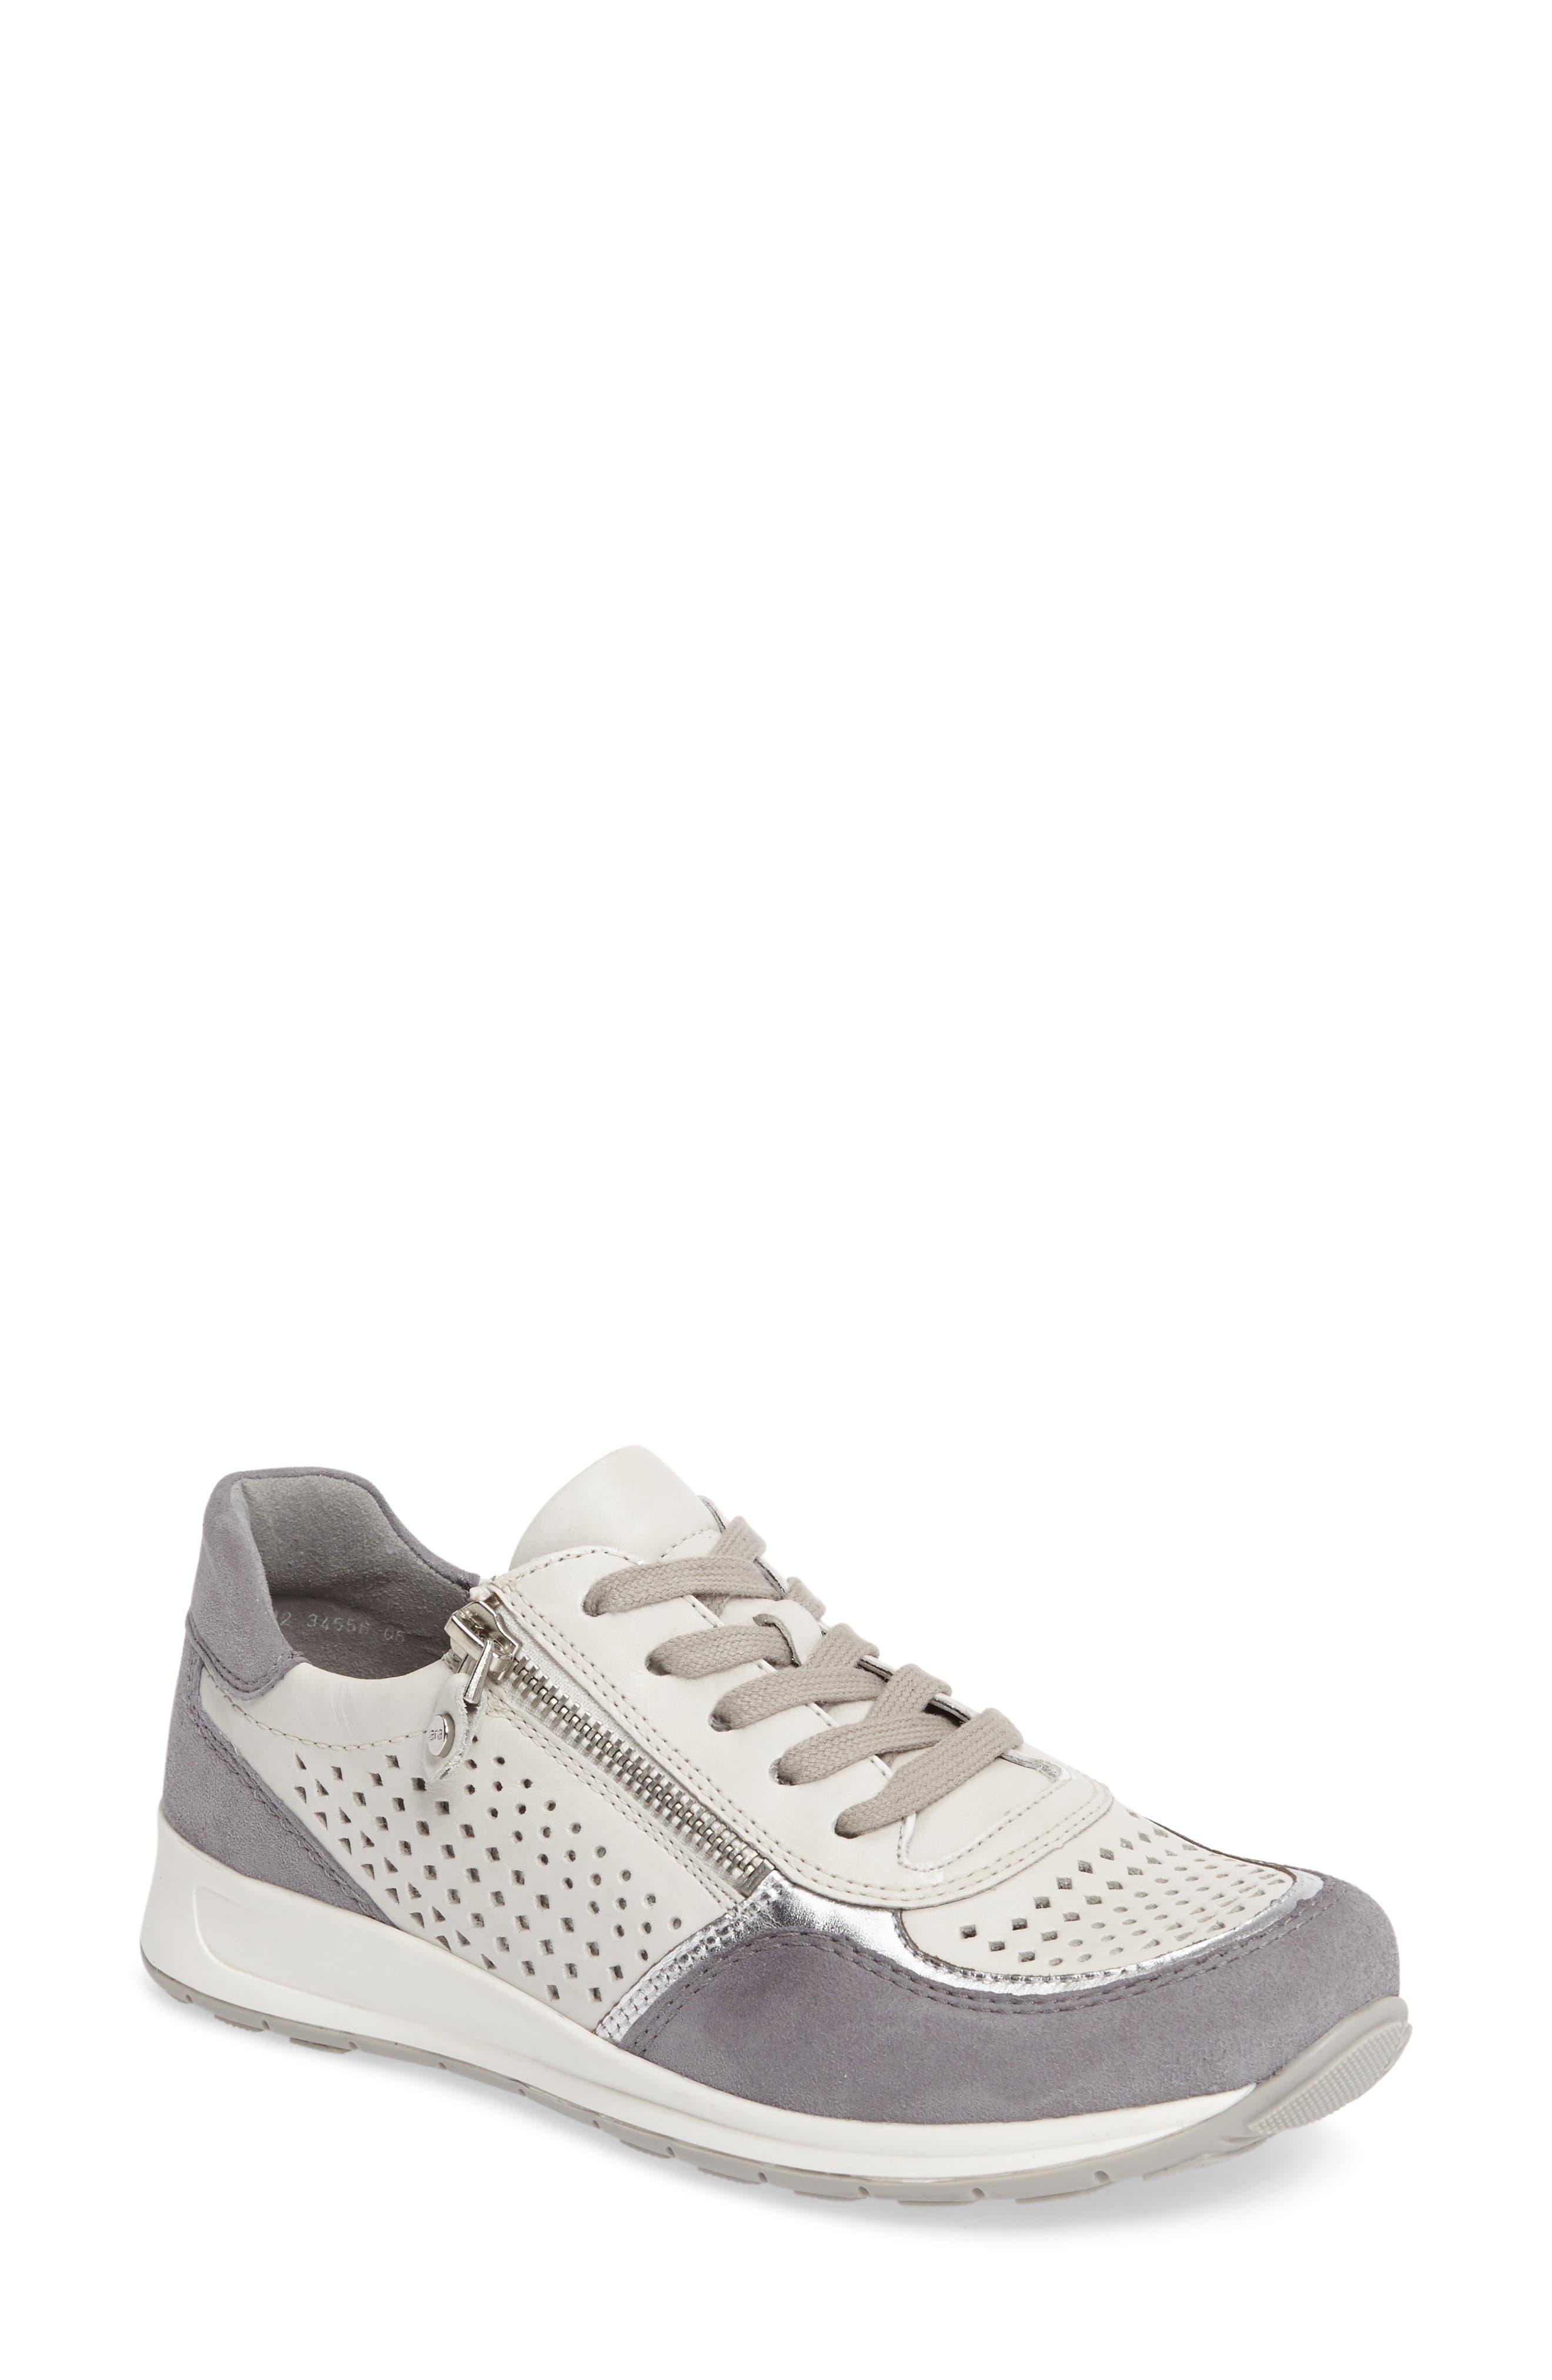 Ara Olivia Perforated Sneaker, Metallic